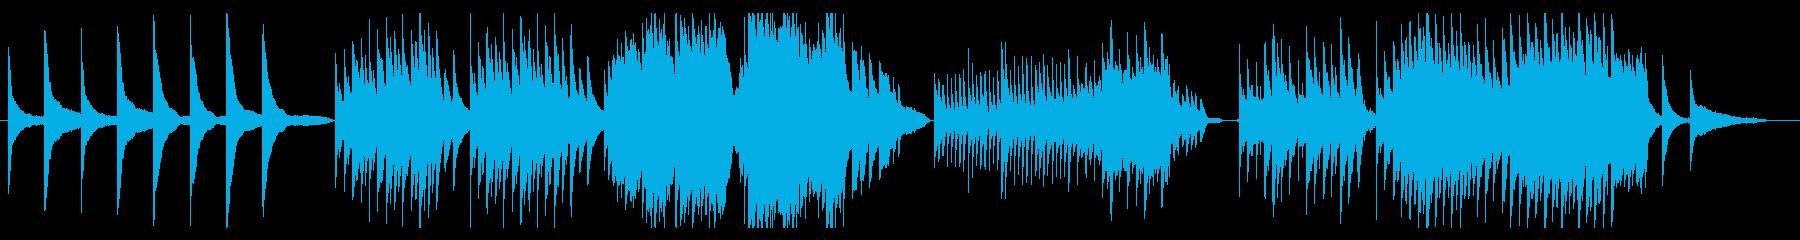 【劇伴】哀しいシーン用の静かなピアノ曲の再生済みの波形